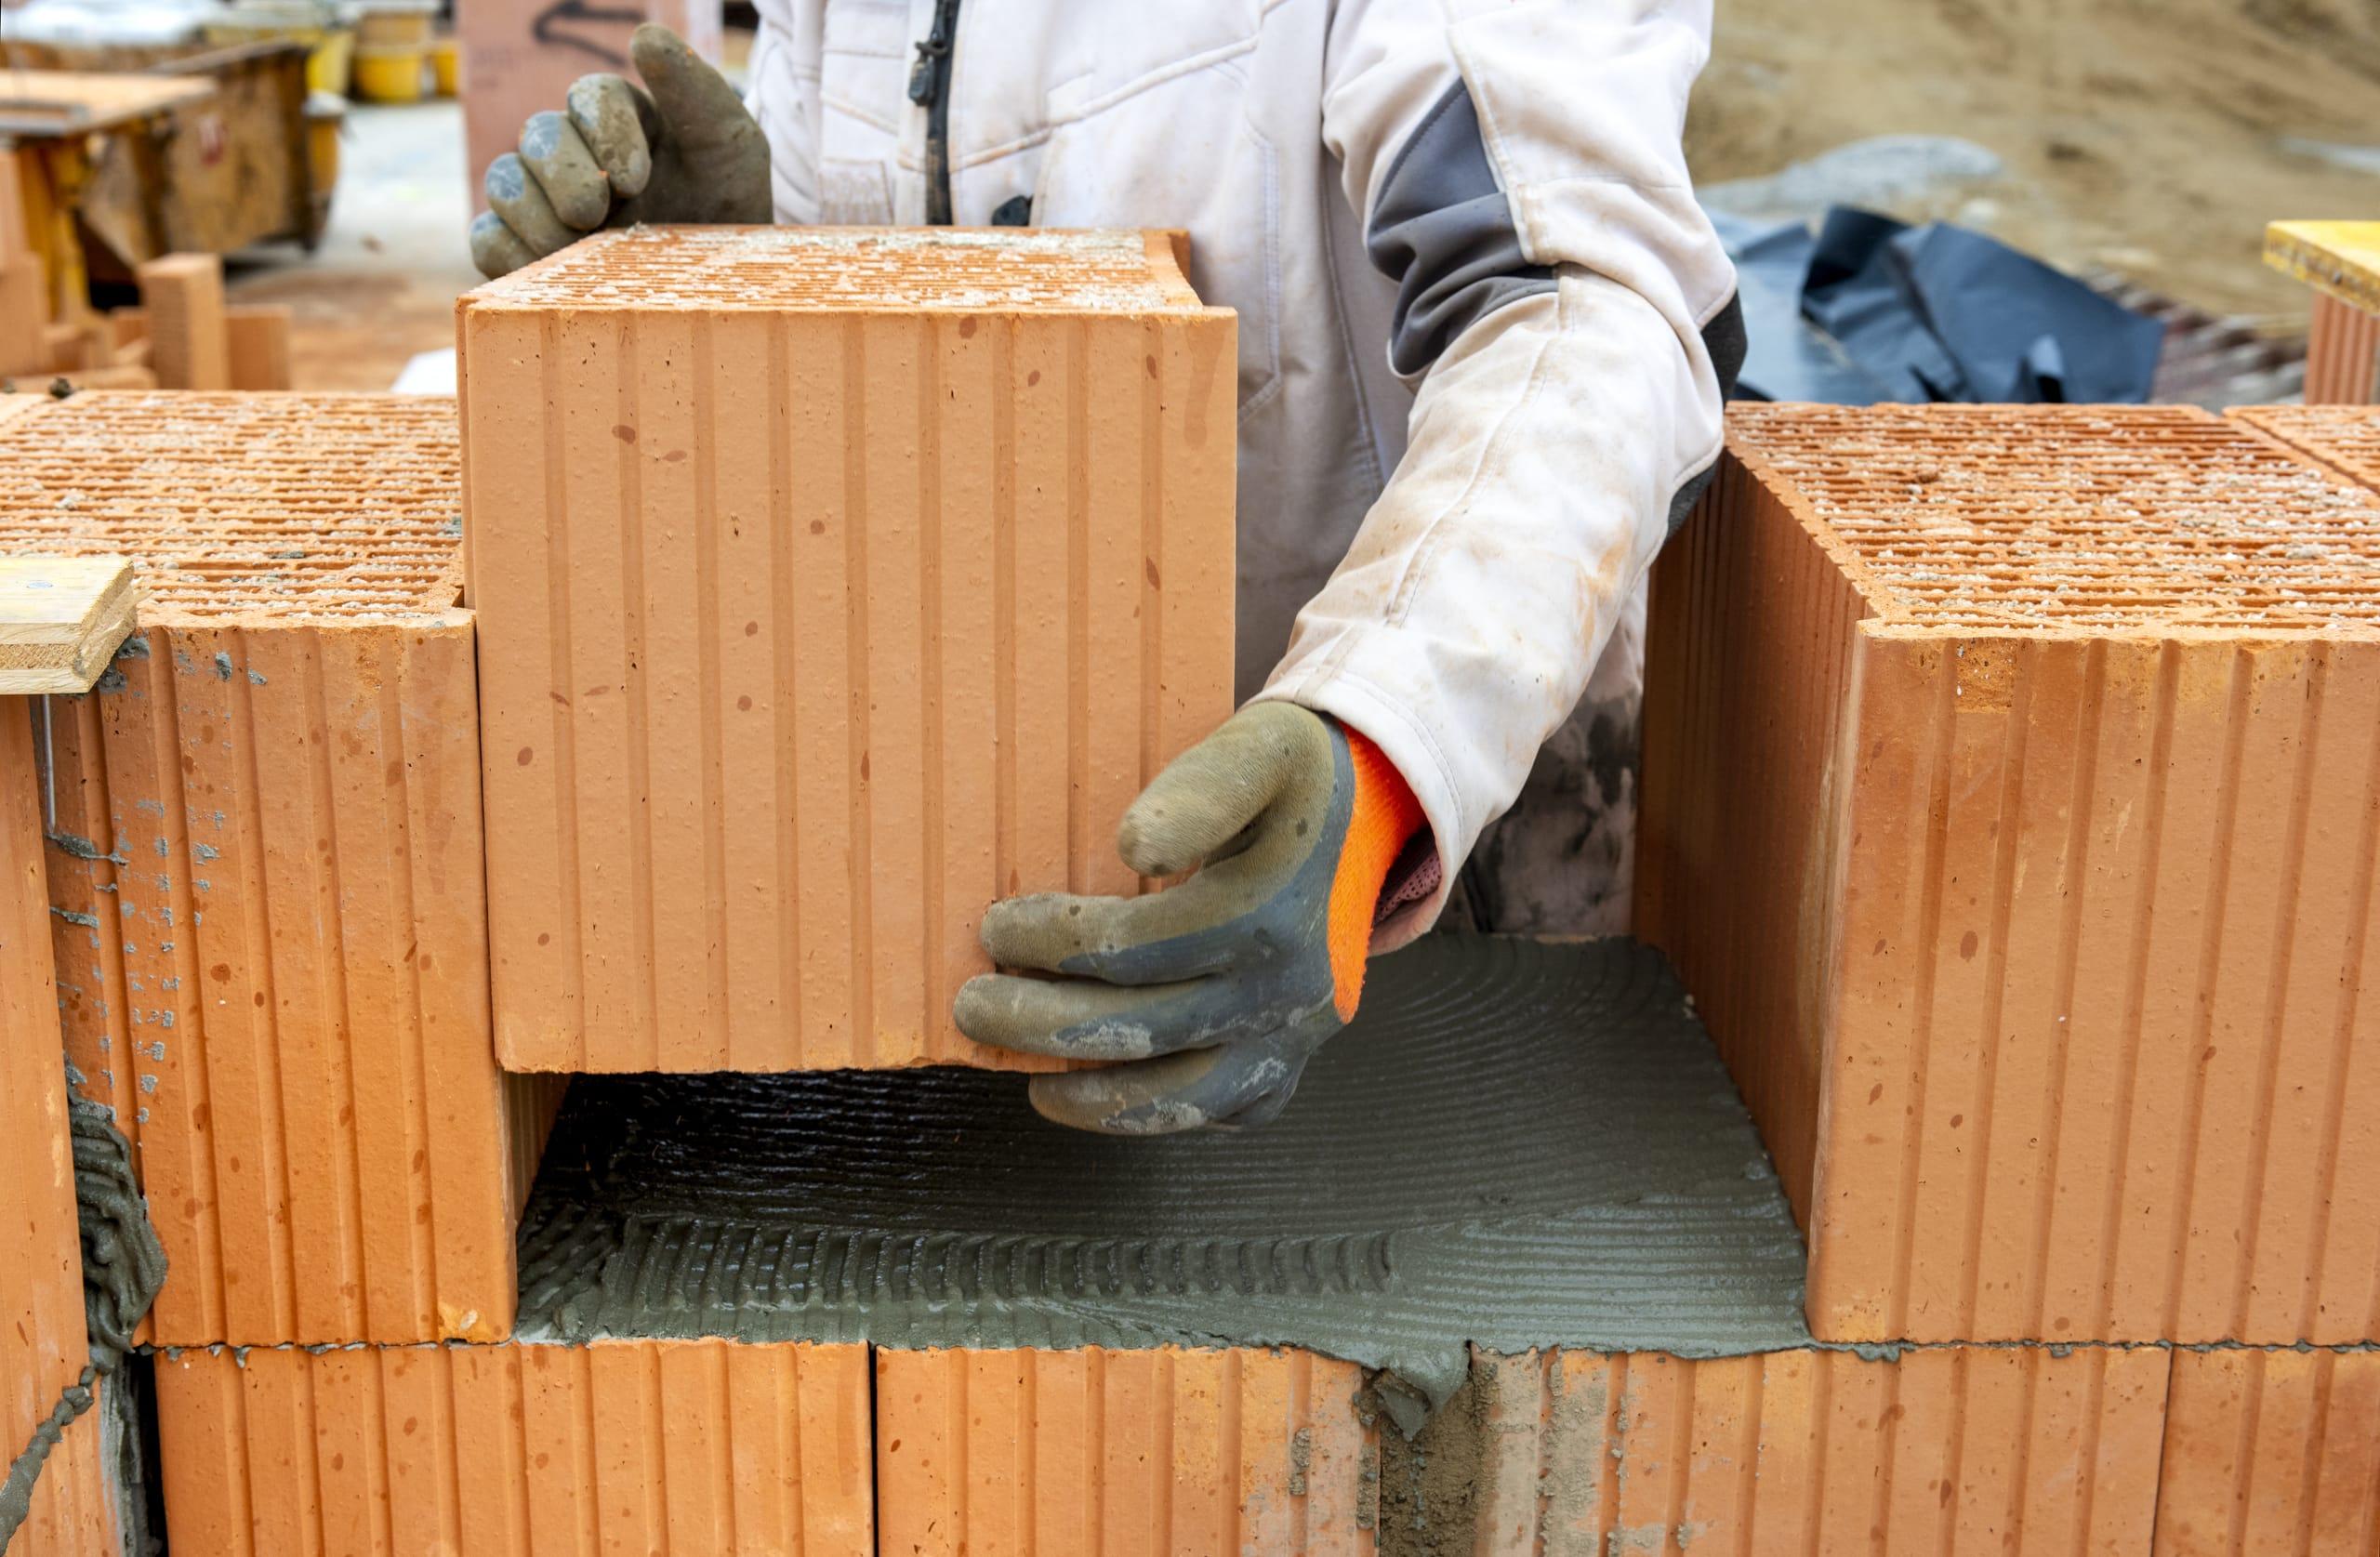 Heldenhafter Einsatz für den Bau